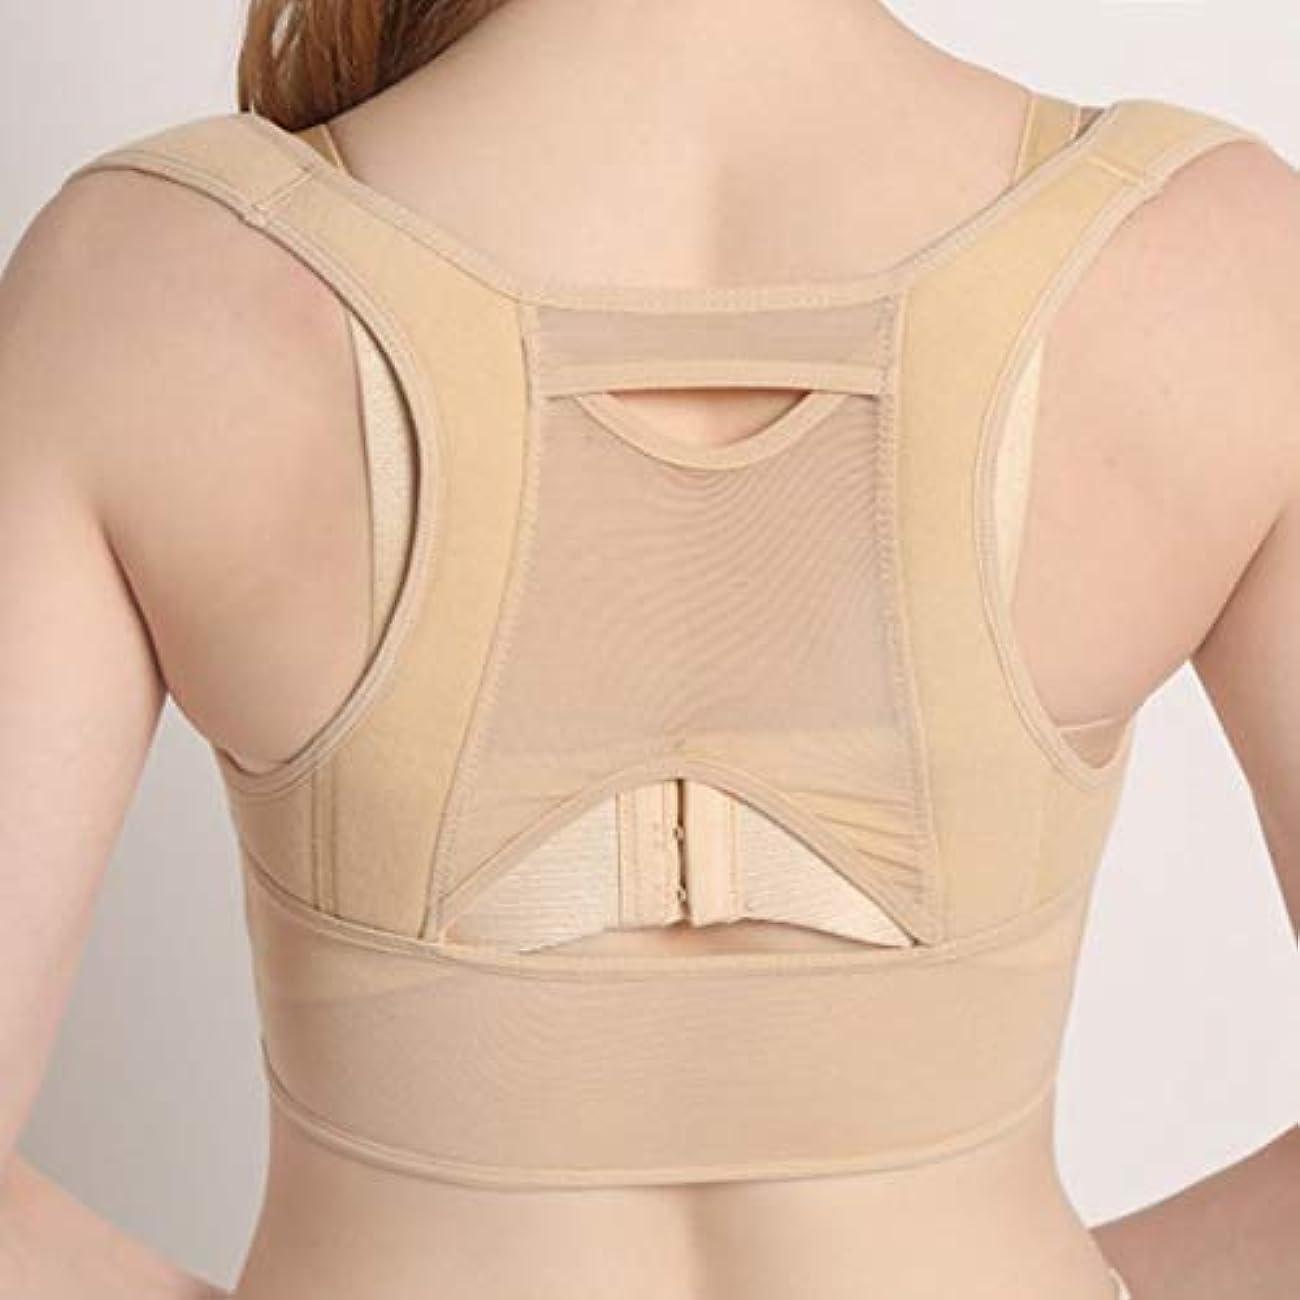 マウスバッチ浮く通気性のある女性の背中の姿勢矯正コルセット整形外科の肩の背骨の姿勢矯正腰椎サポート - ベージュホワイトM